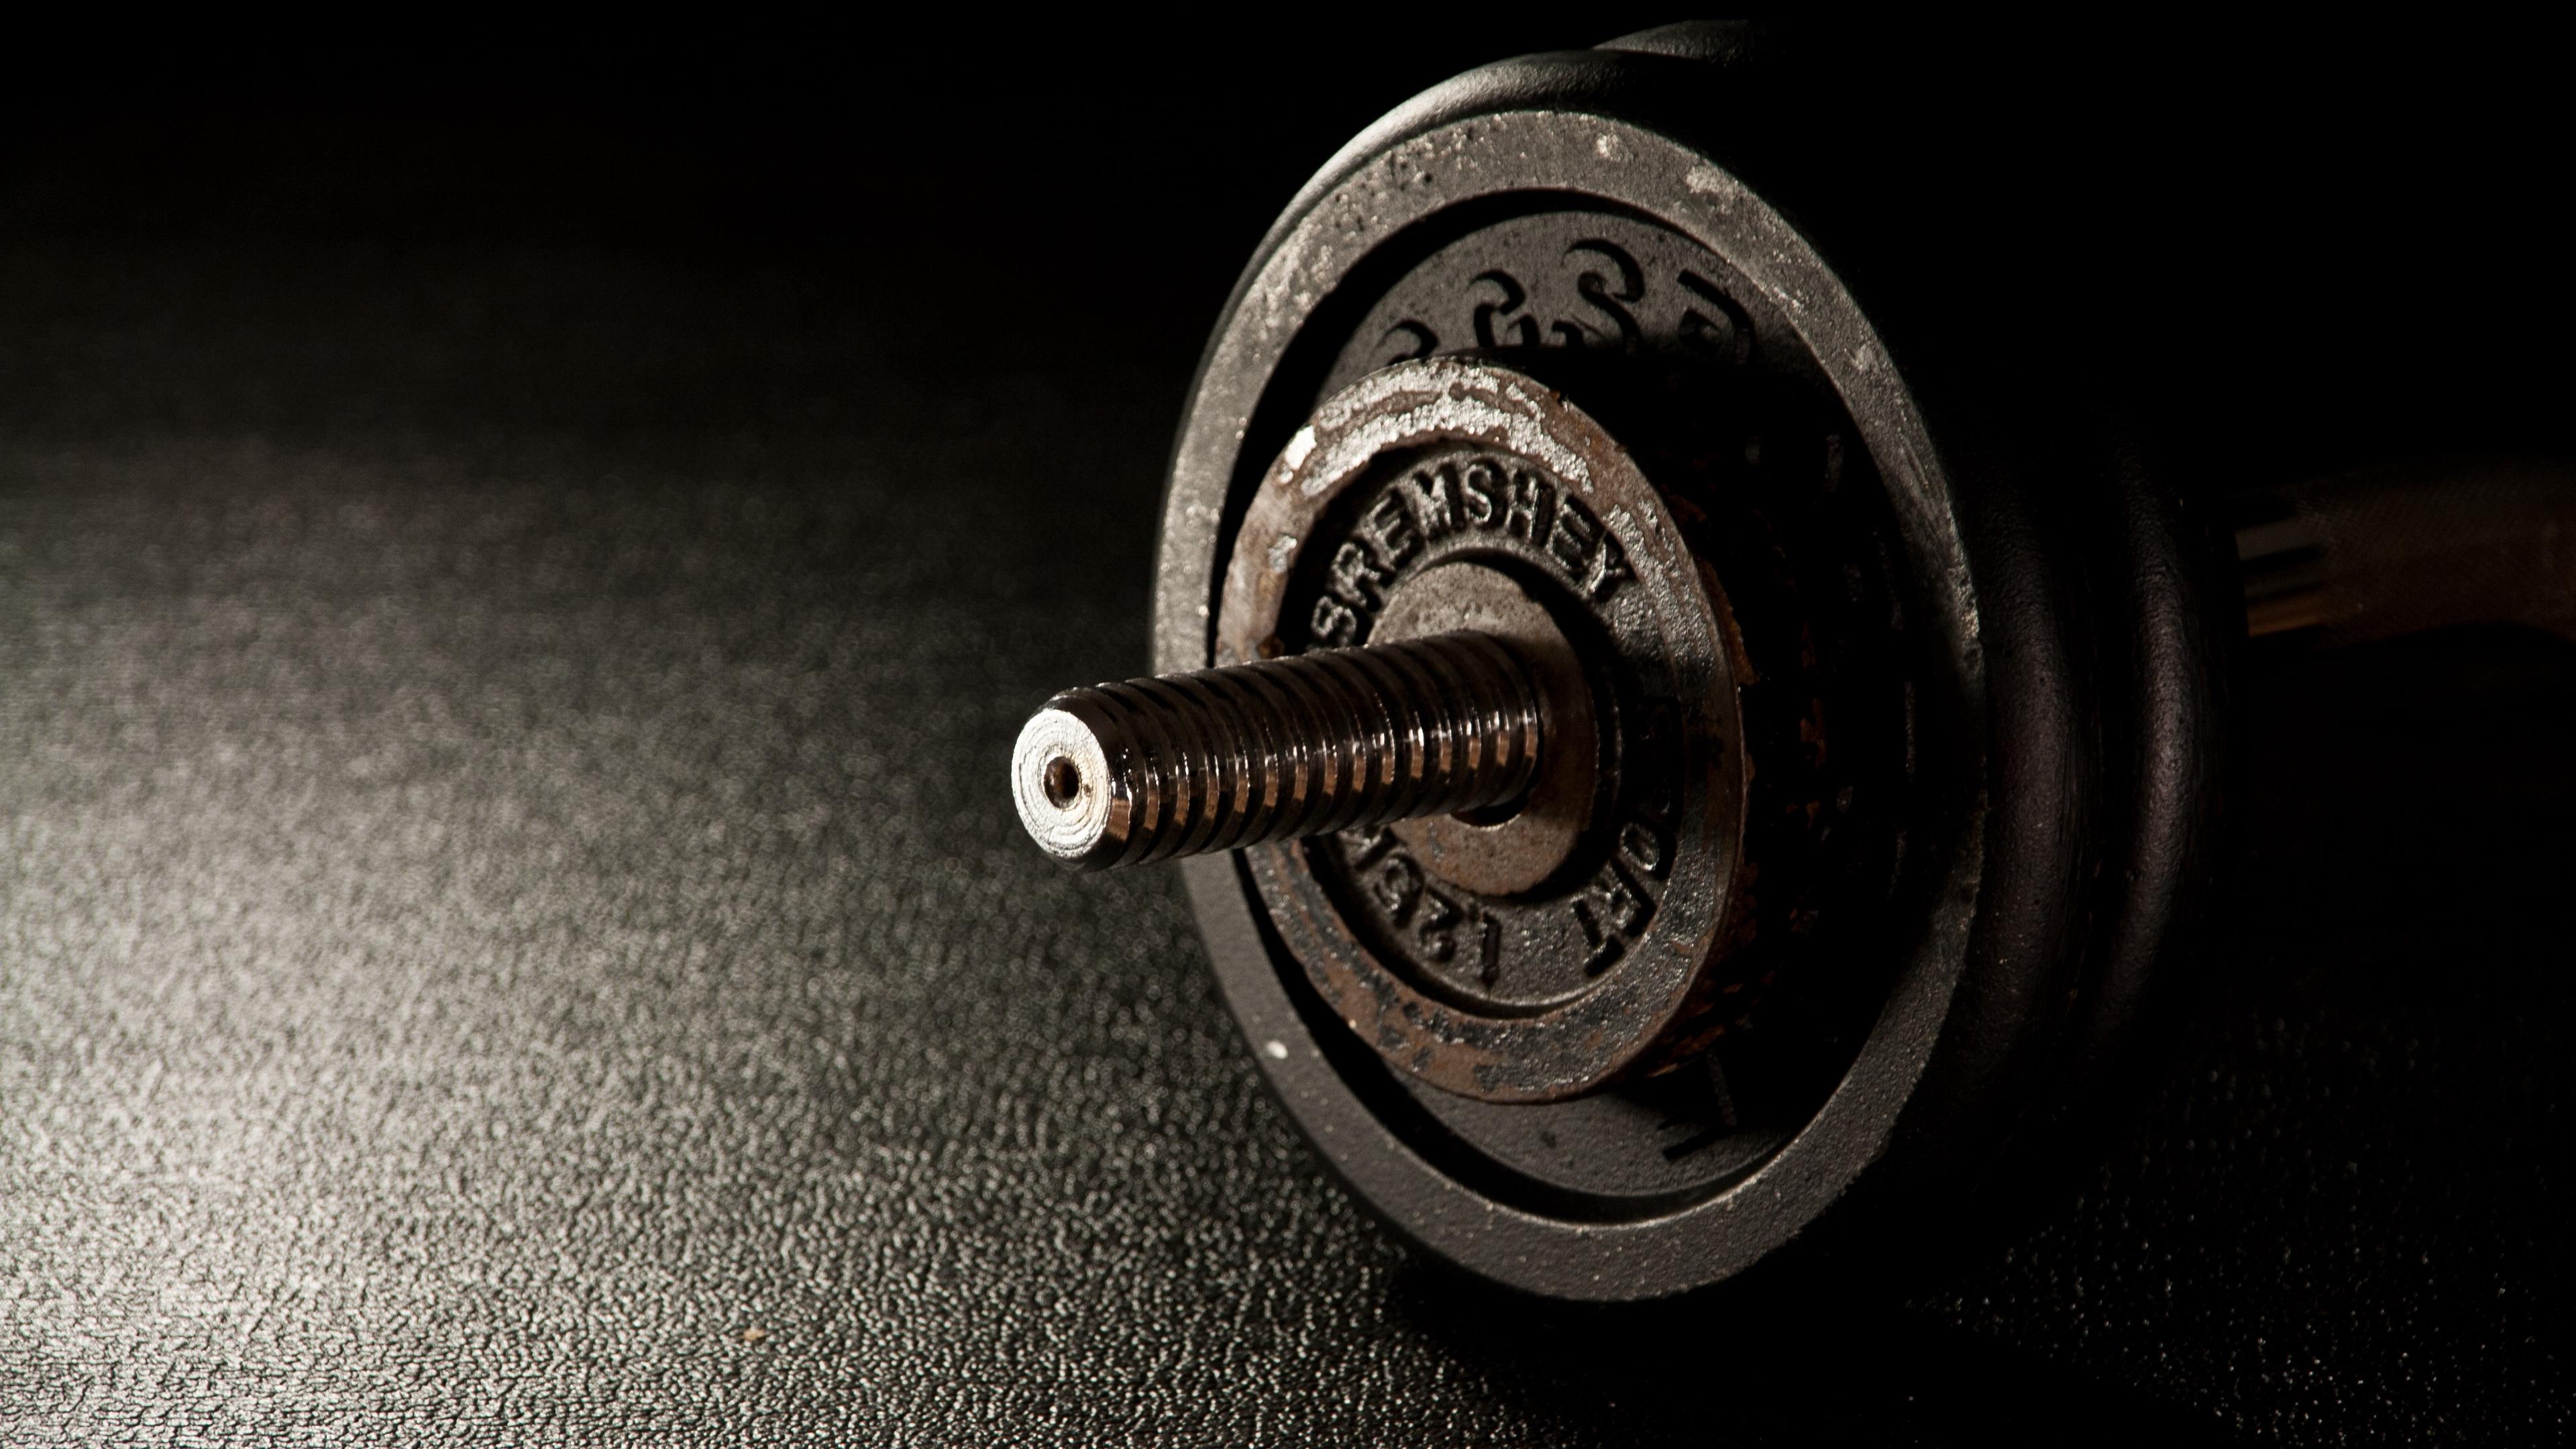 dumbbells fitness gym 4k 1540063263 - dumbbells, fitness, gym 4k - gym, Fitness, dumbbells